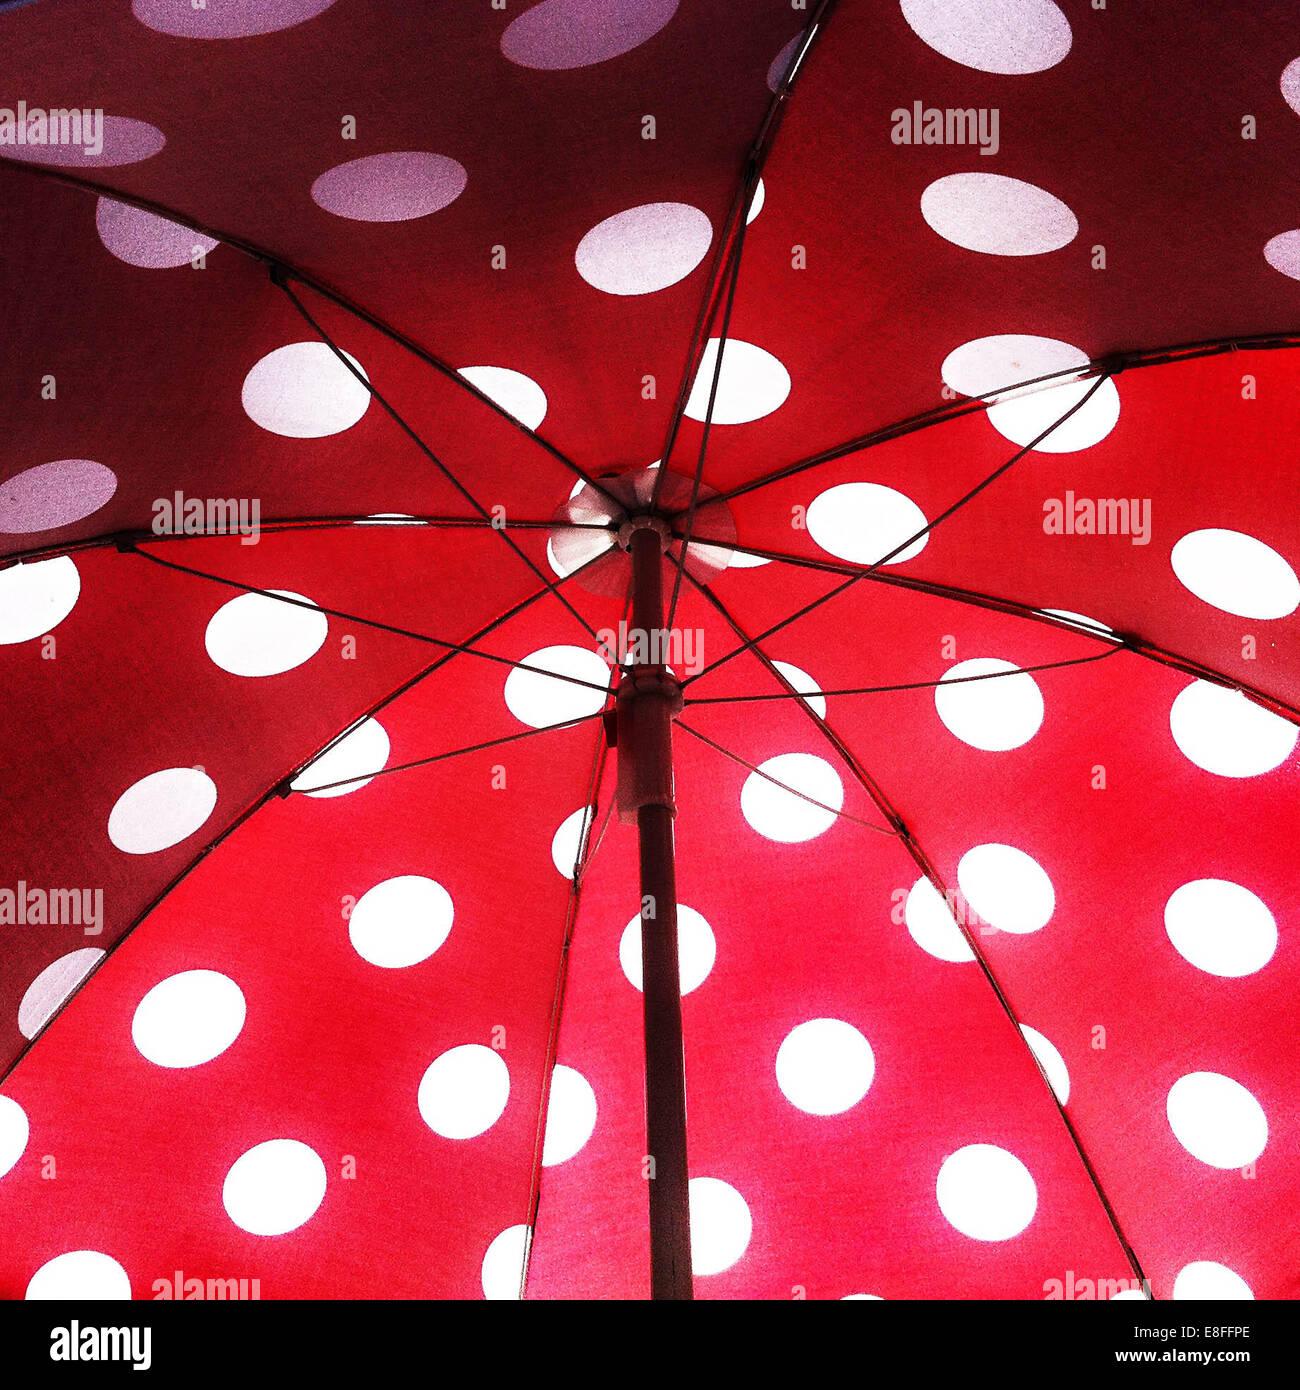 Ombrello aperto con la polka dot pattern Immagini Stock